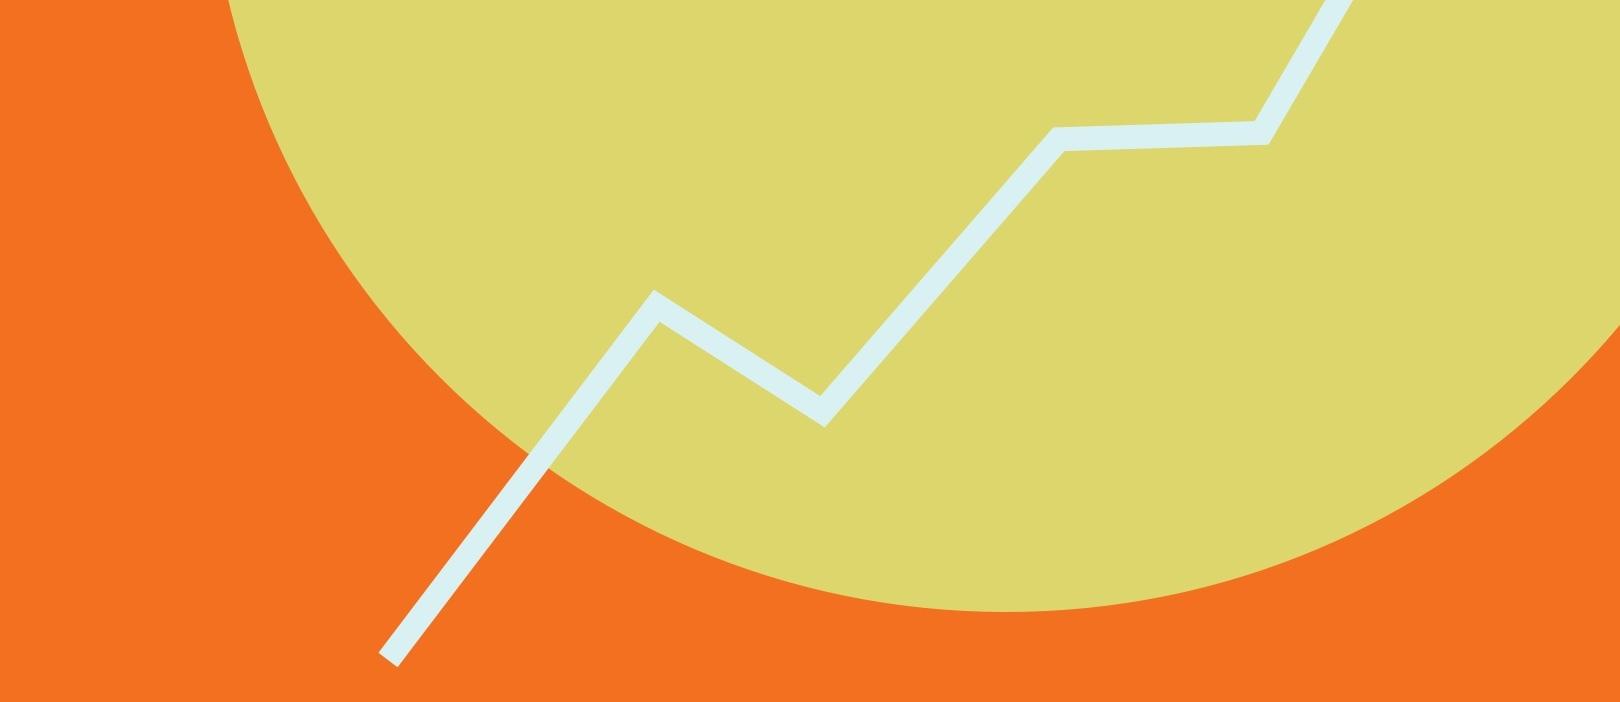 6 Sales Strategies to Increase Revenue